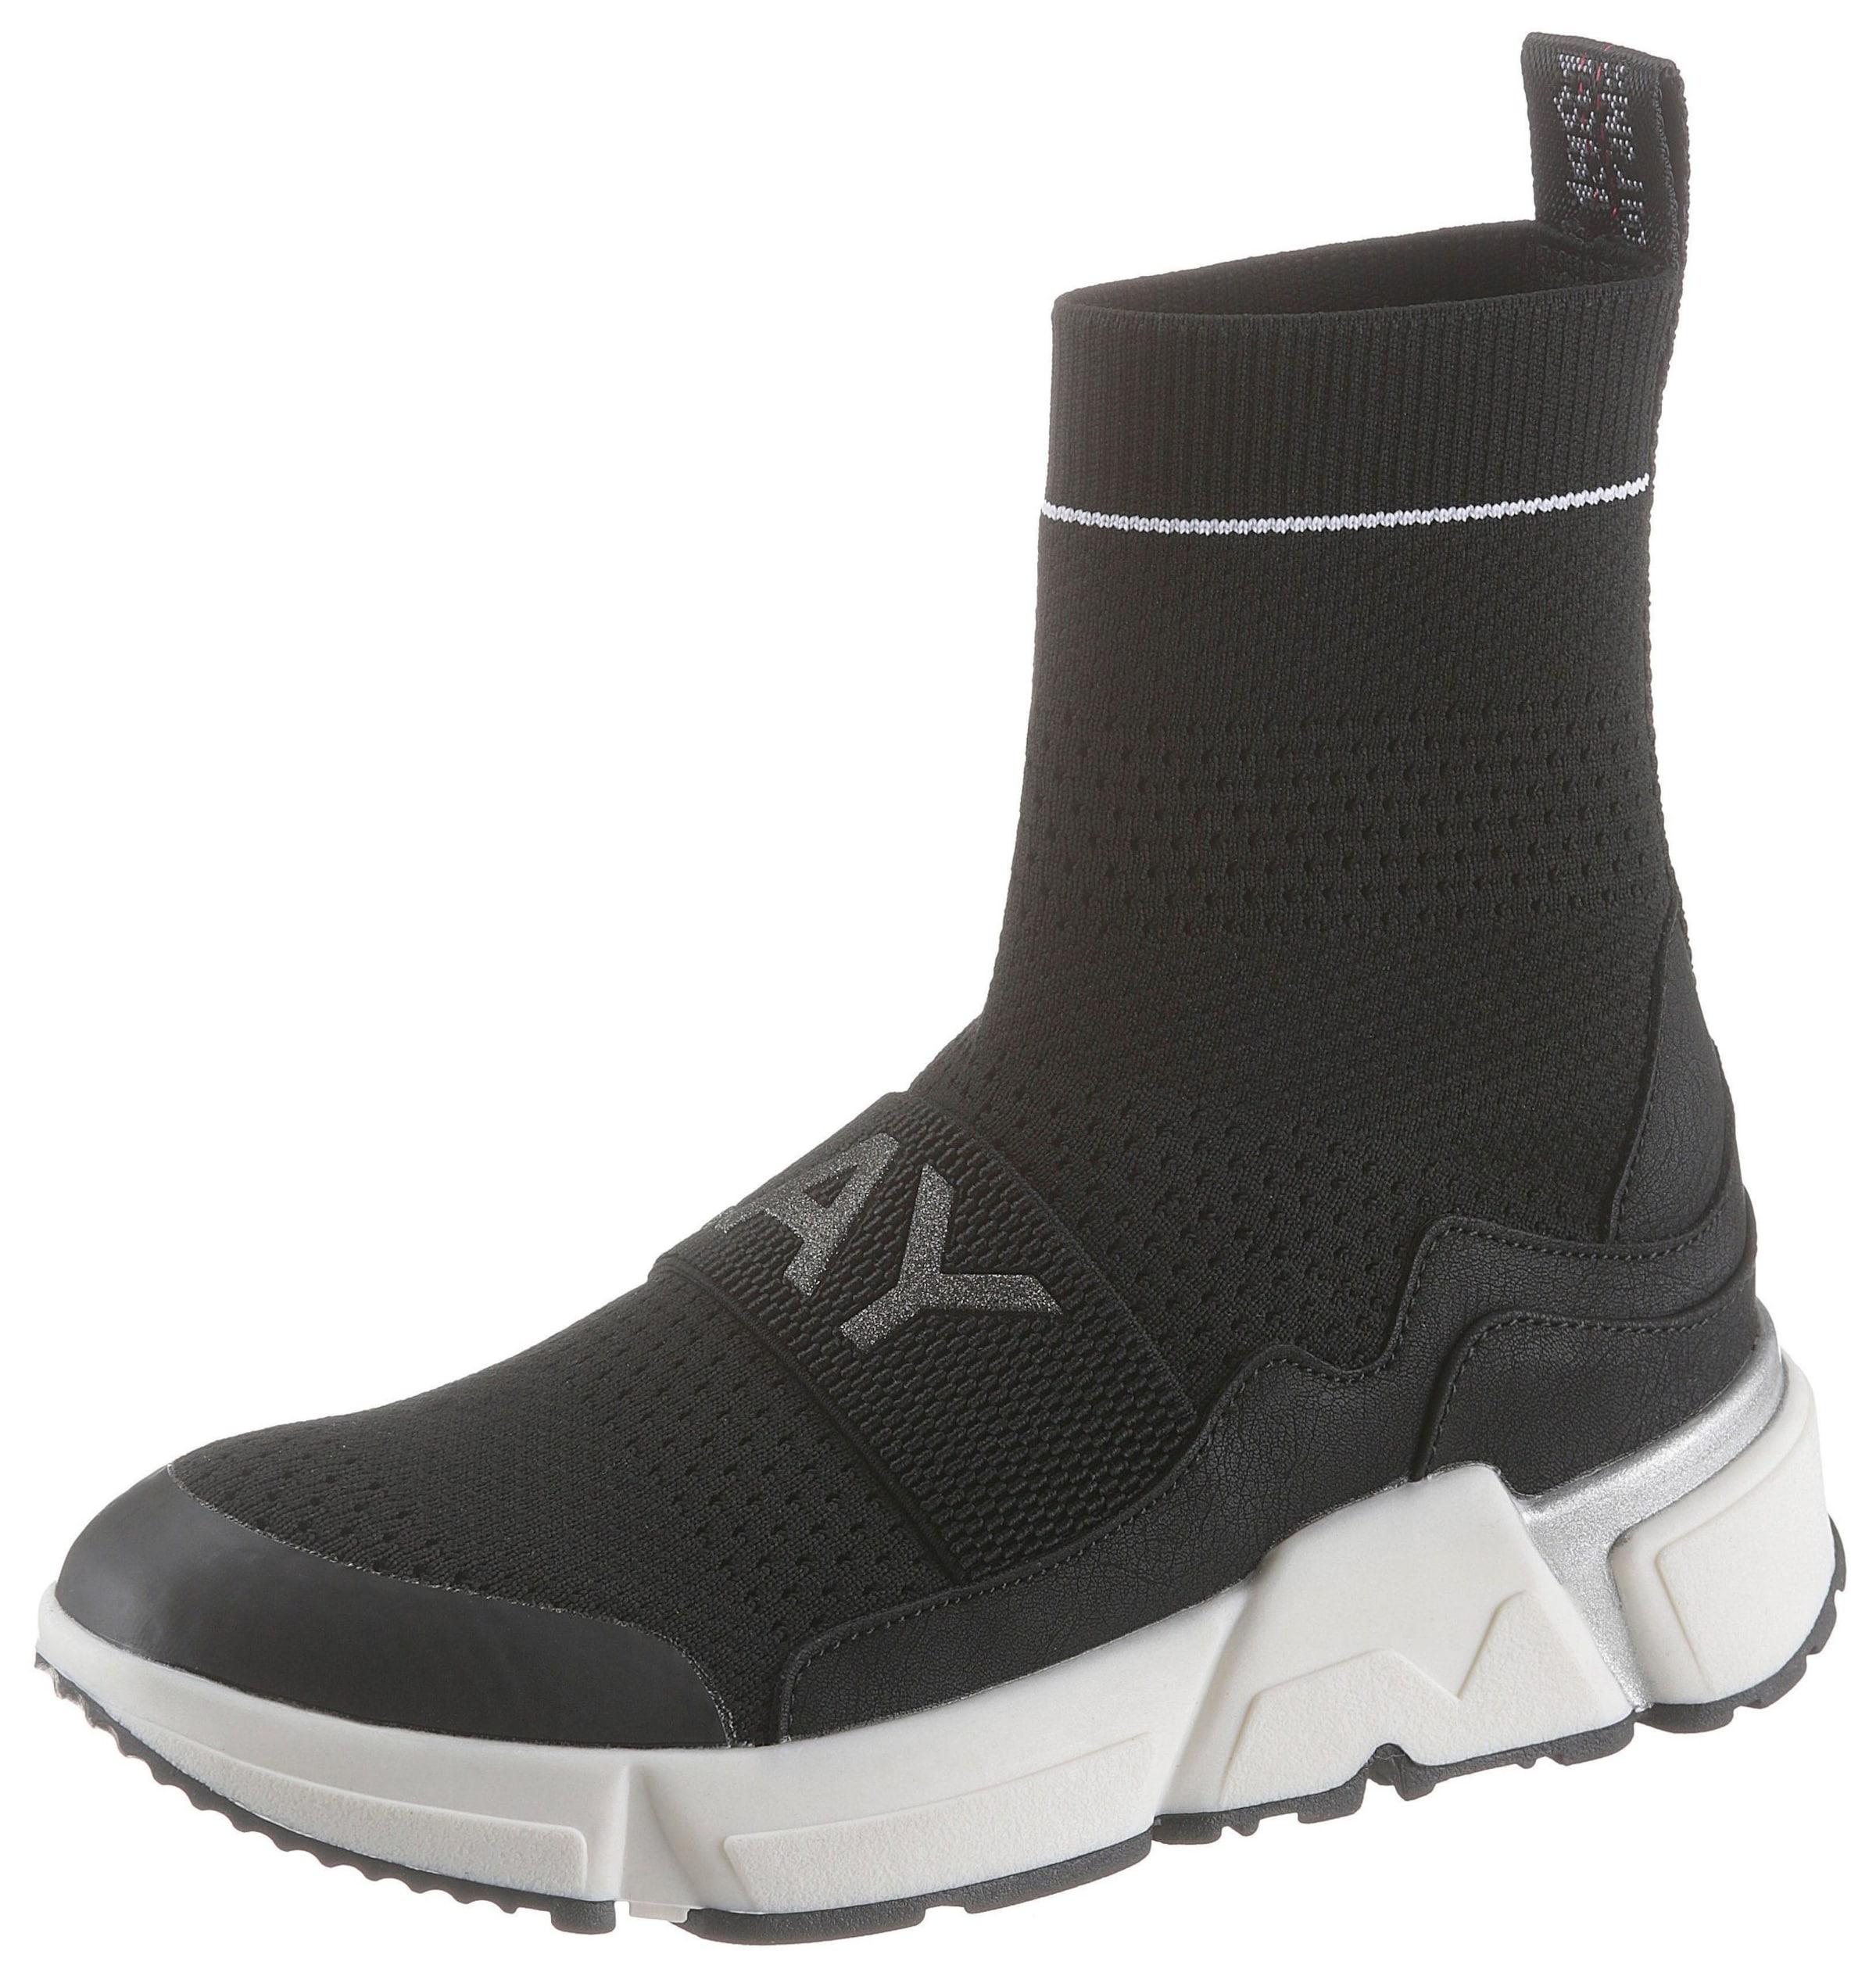 In In Replay In Replay Replay Schwarz Replay Sneaker Schwarz Schwarz Sneaker Sneaker Sneaker mNwO80yvn